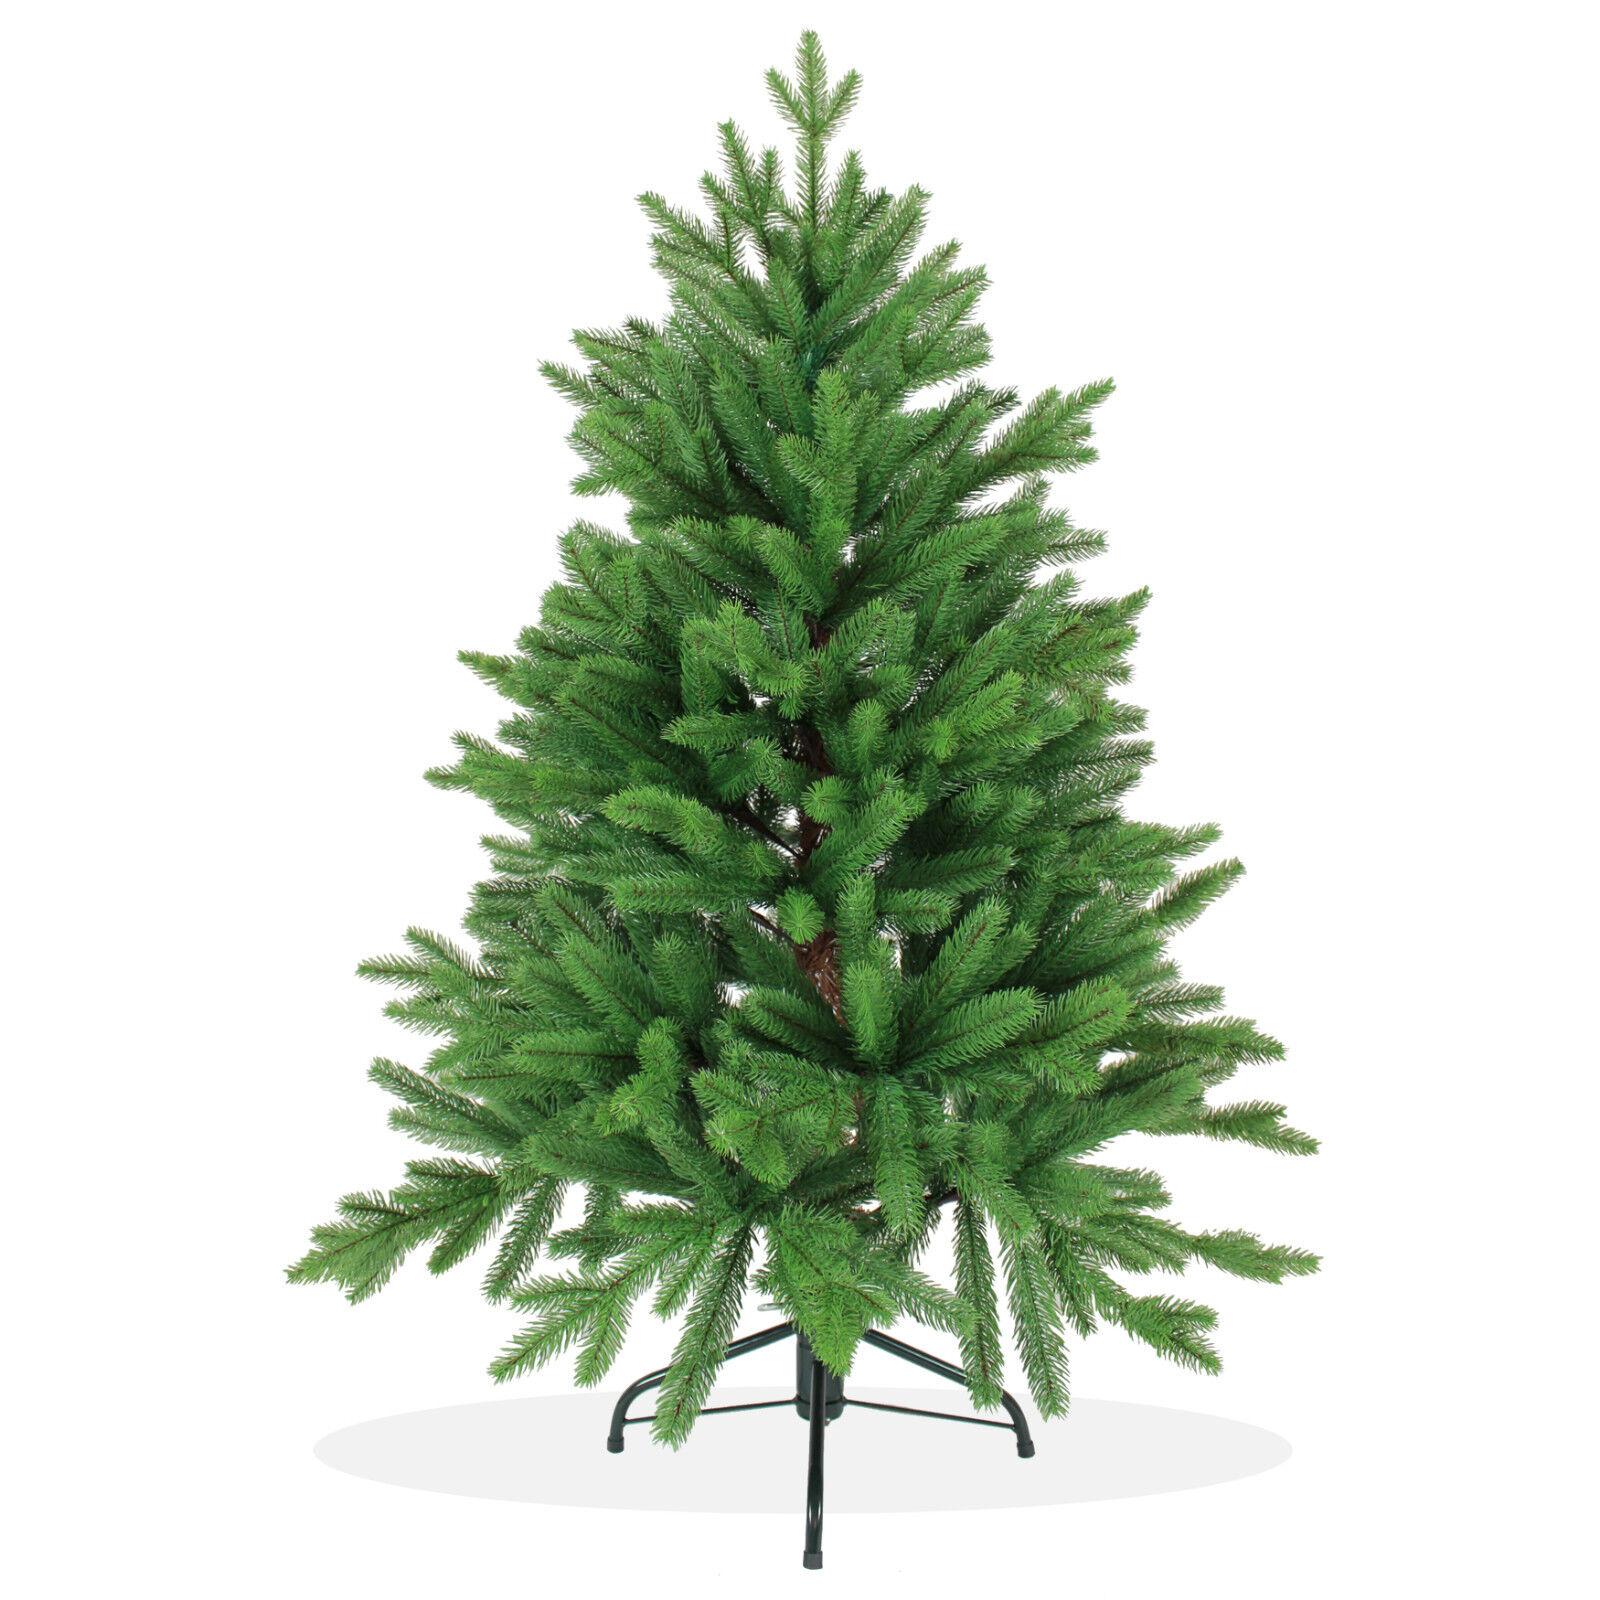 k nstlicher weihnachtsbaum 120cm nordmanntanne spritzguss gr ner christbaum pt05. Black Bedroom Furniture Sets. Home Design Ideas